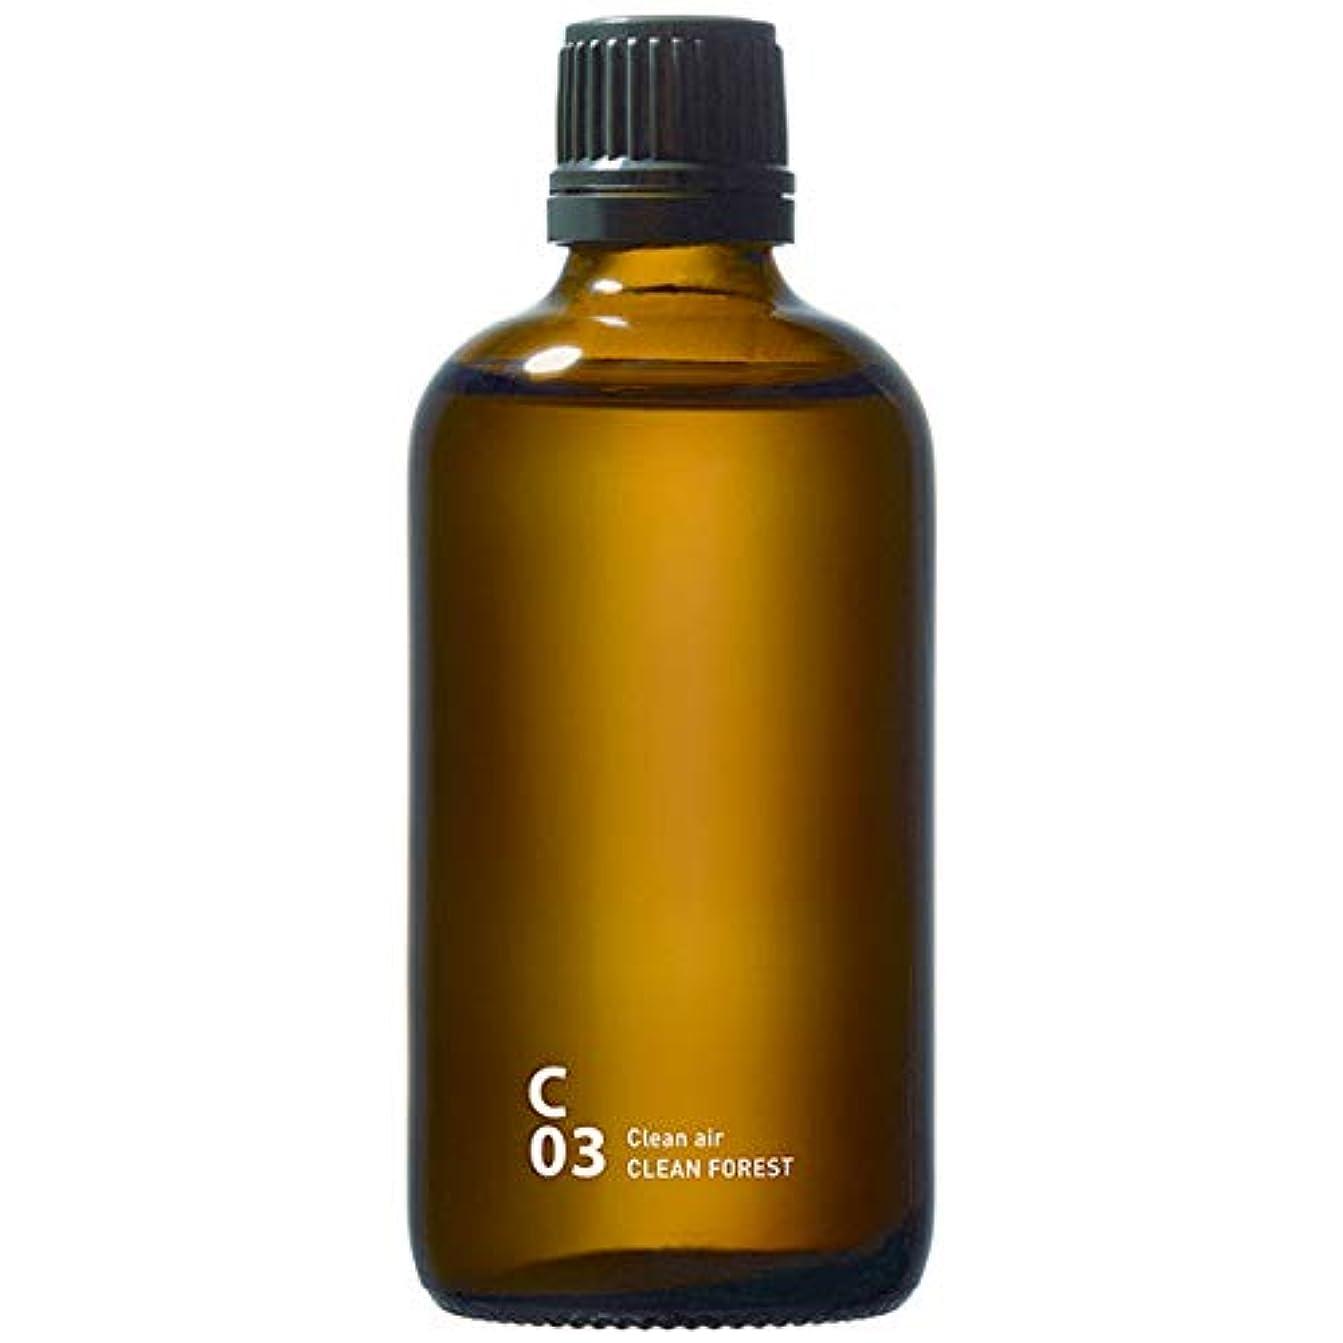 教育者百科事典正規化C03 CLEAN FOREST piezo aroma oil 100ml